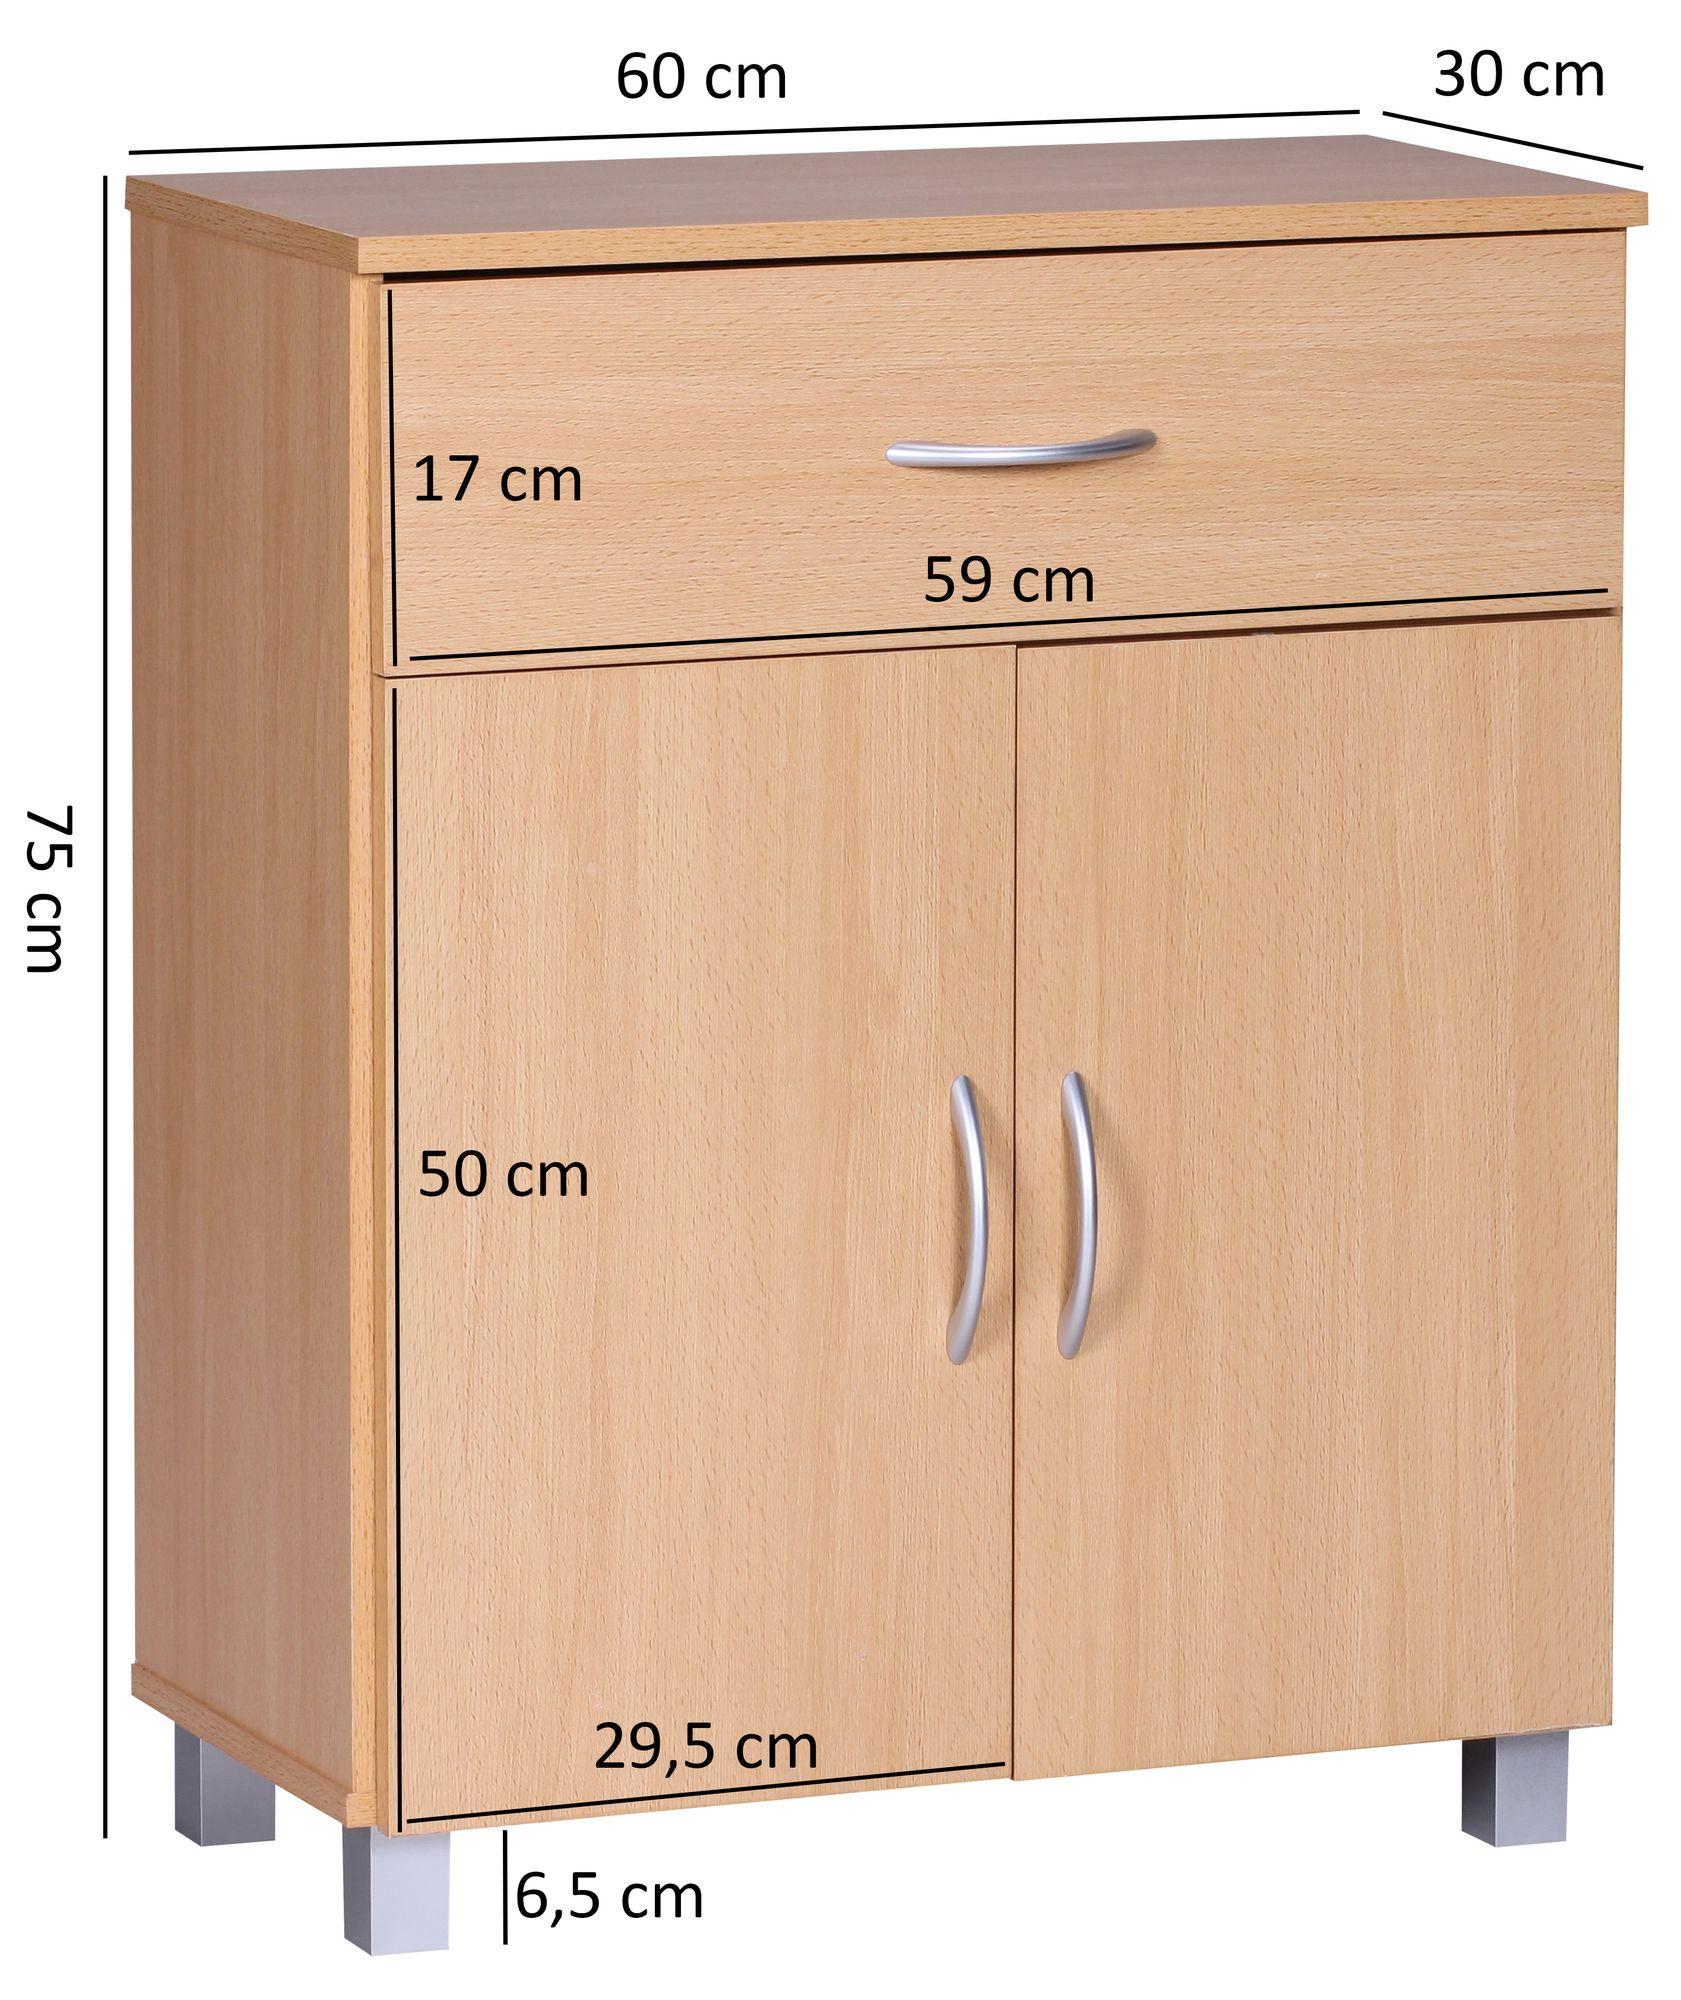 Wohnling Sideboard Buche Wl1 335 60x75x30cm Kommode Schrank Kleine Holz Anrichte Ebay